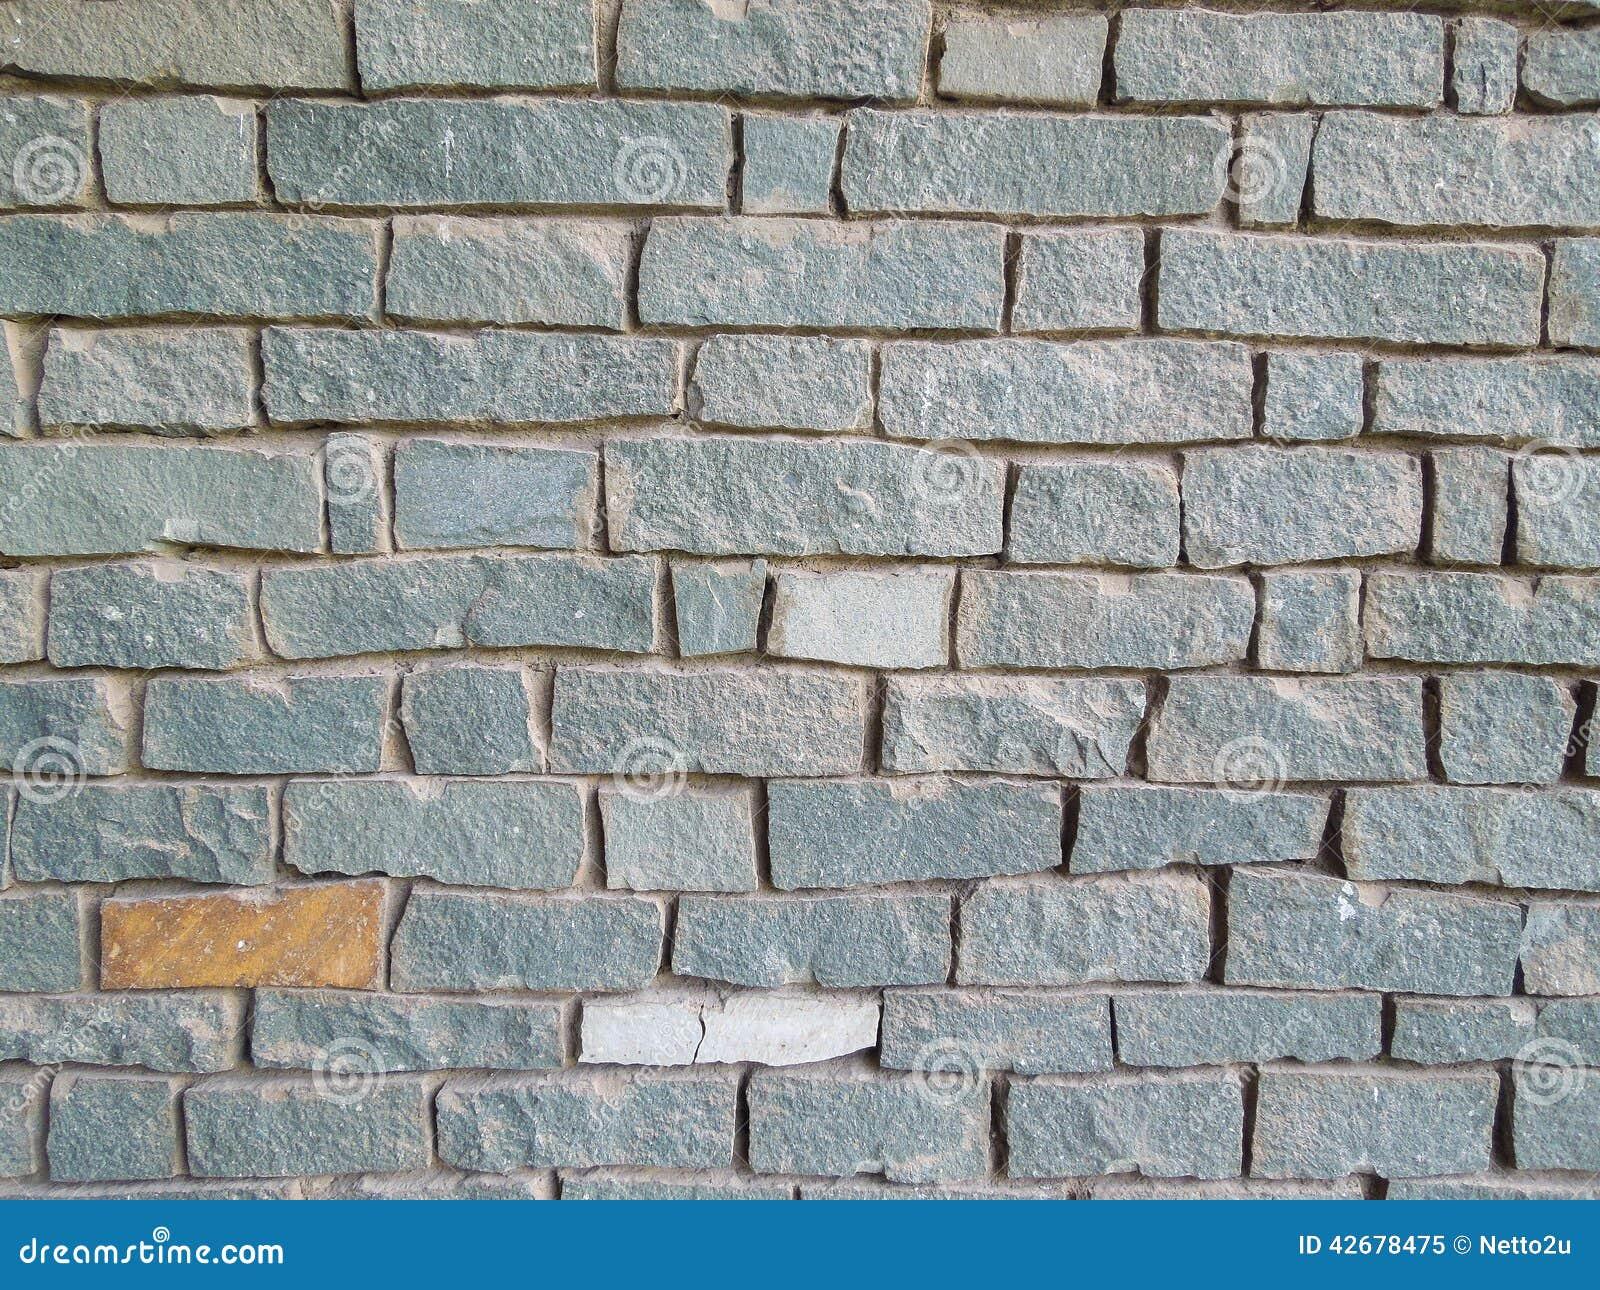 fond de texture grise de mur en pierre image stock image du cadre ma on 42678475. Black Bedroom Furniture Sets. Home Design Ideas